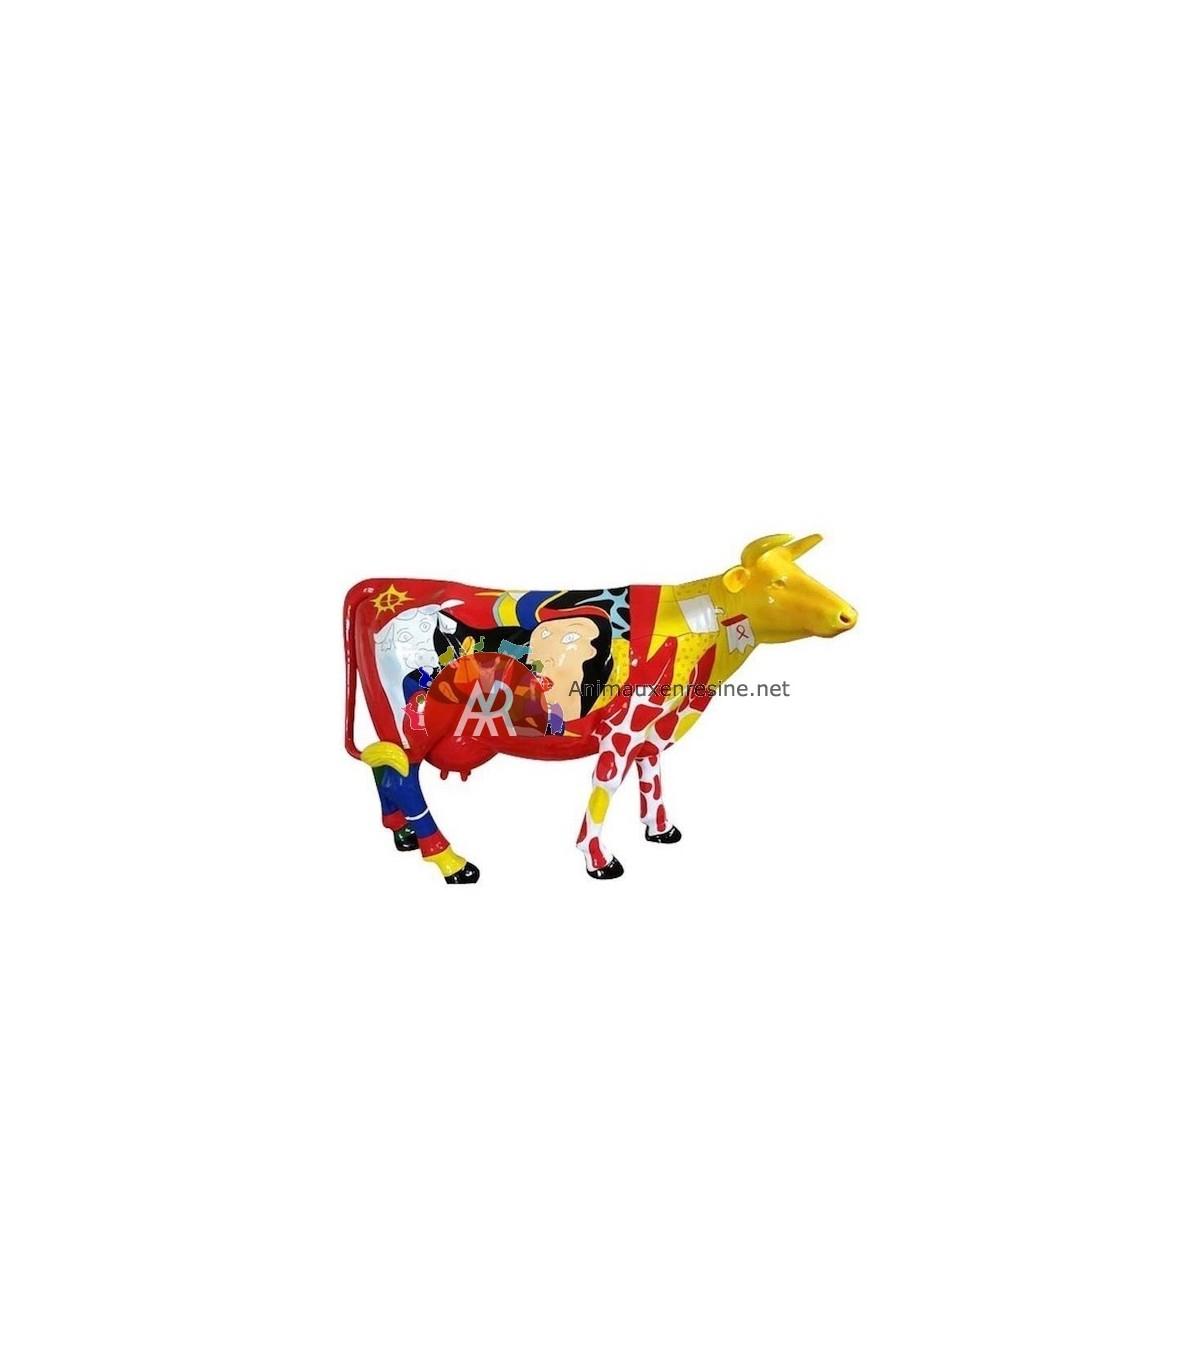 Vache En Résine Grandeur Nature Picasso Xxl En Résine concernant Nain De Jardin Fuck